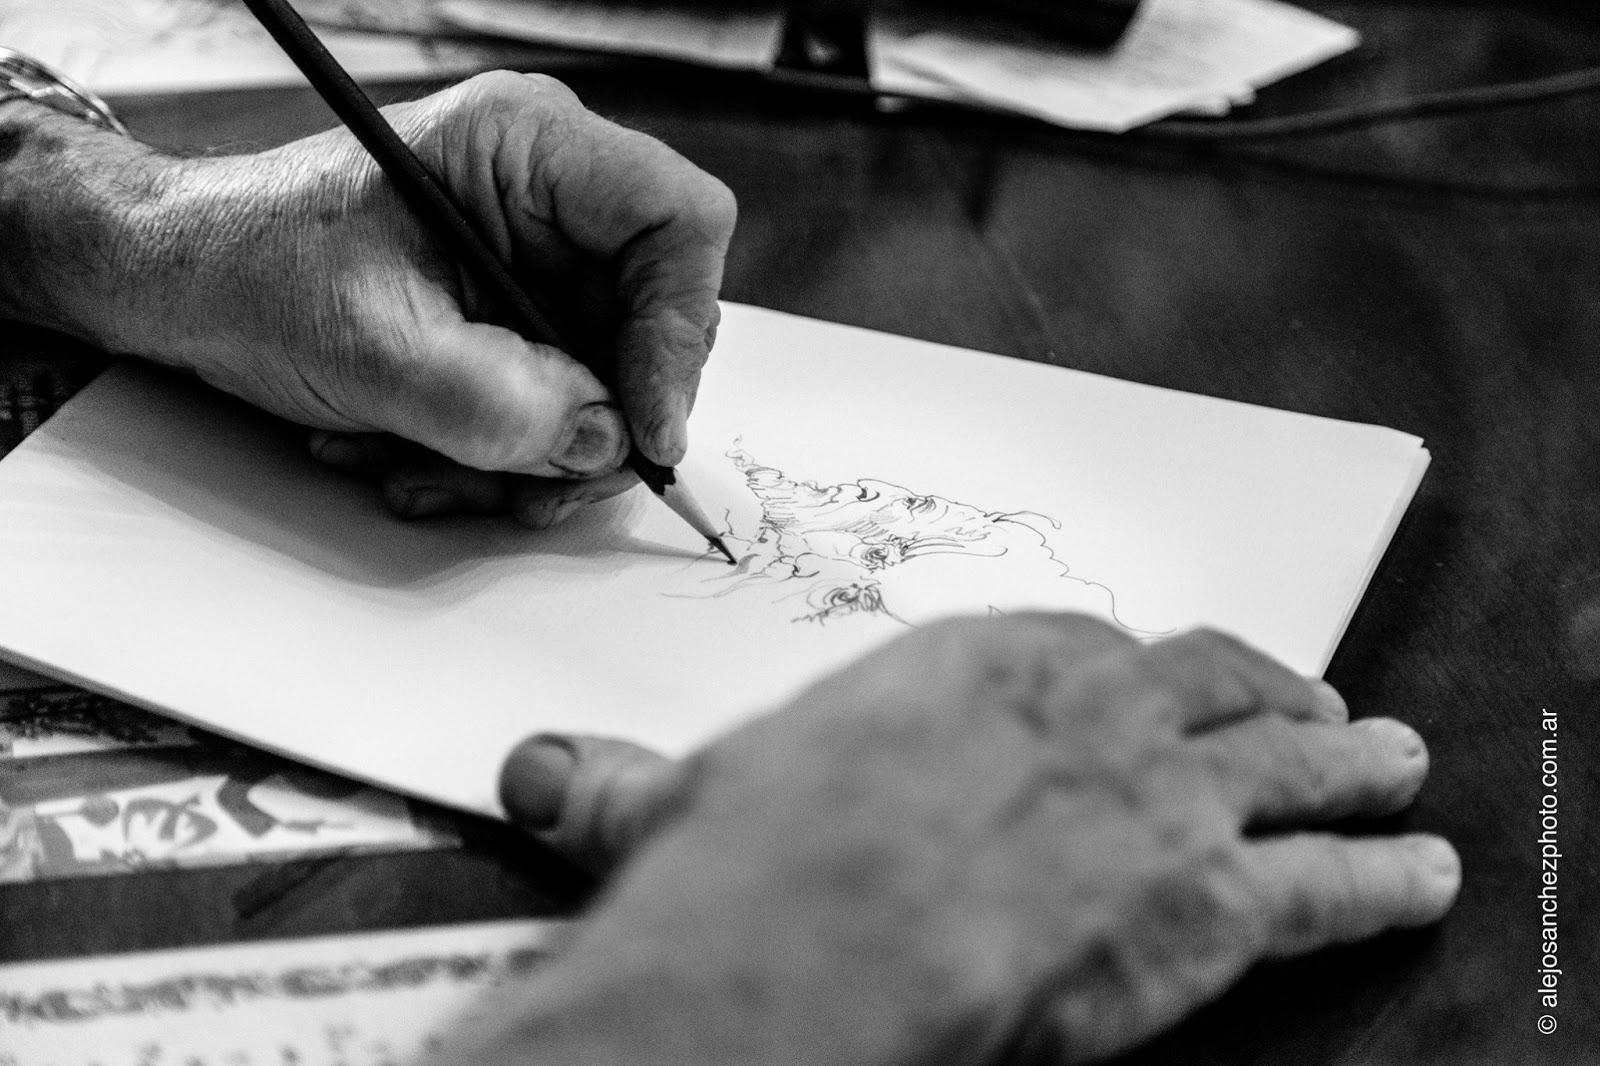 Retrato, Portrait, reportaje, blanco y negro, fotografía por Alejo Sánchez